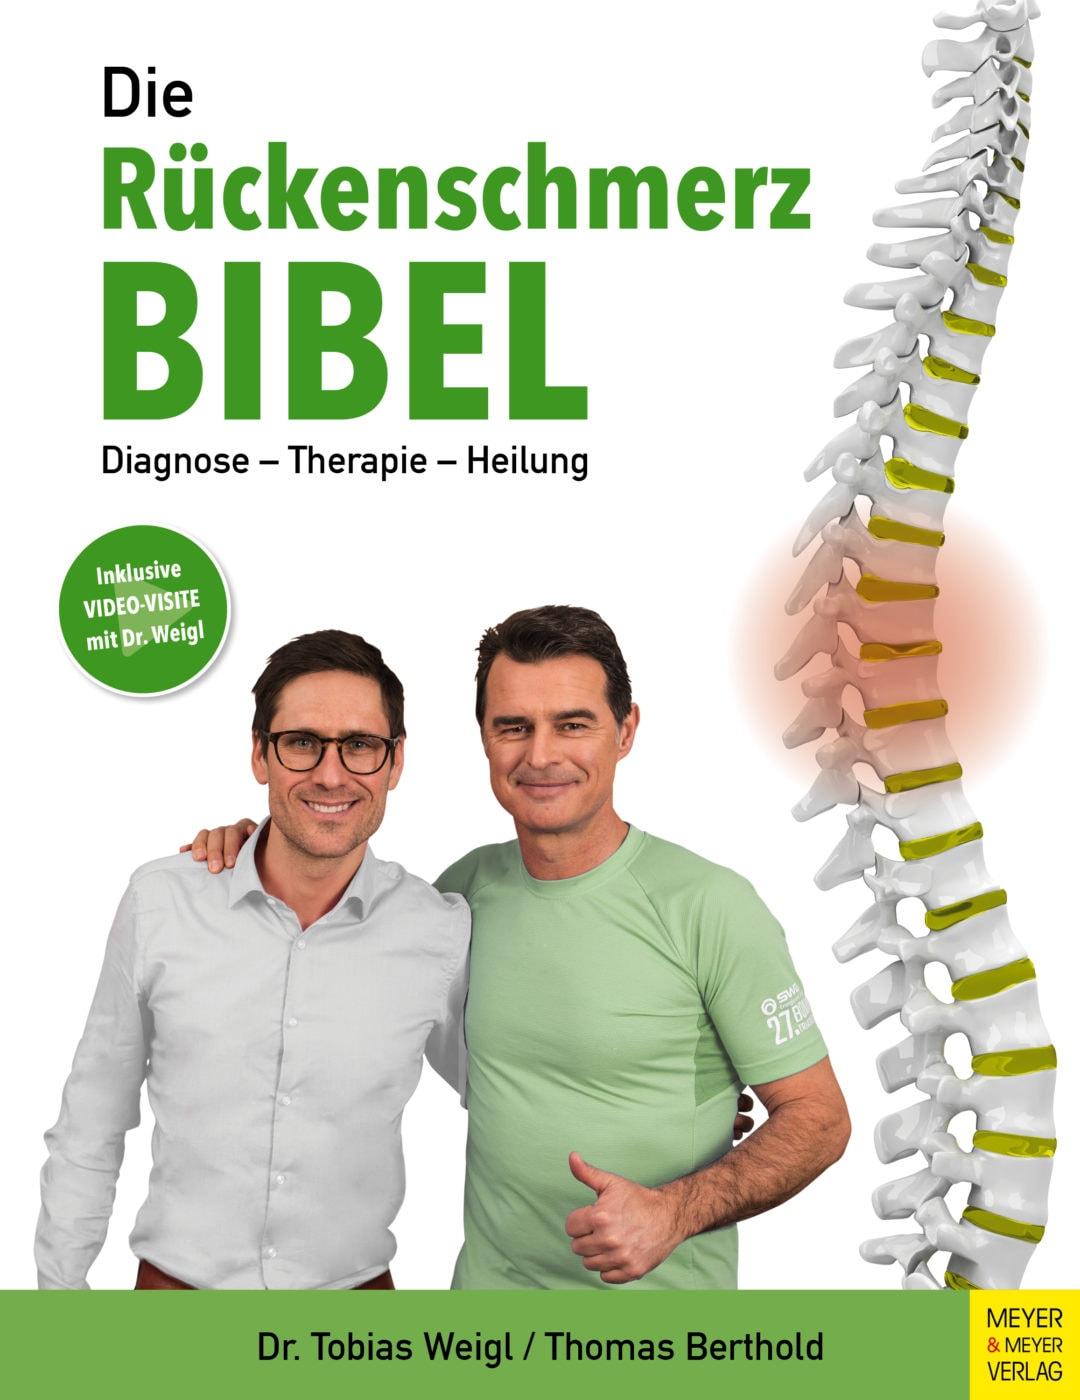 Rückenschmerzen und Arthrose in der Wirbelsäule